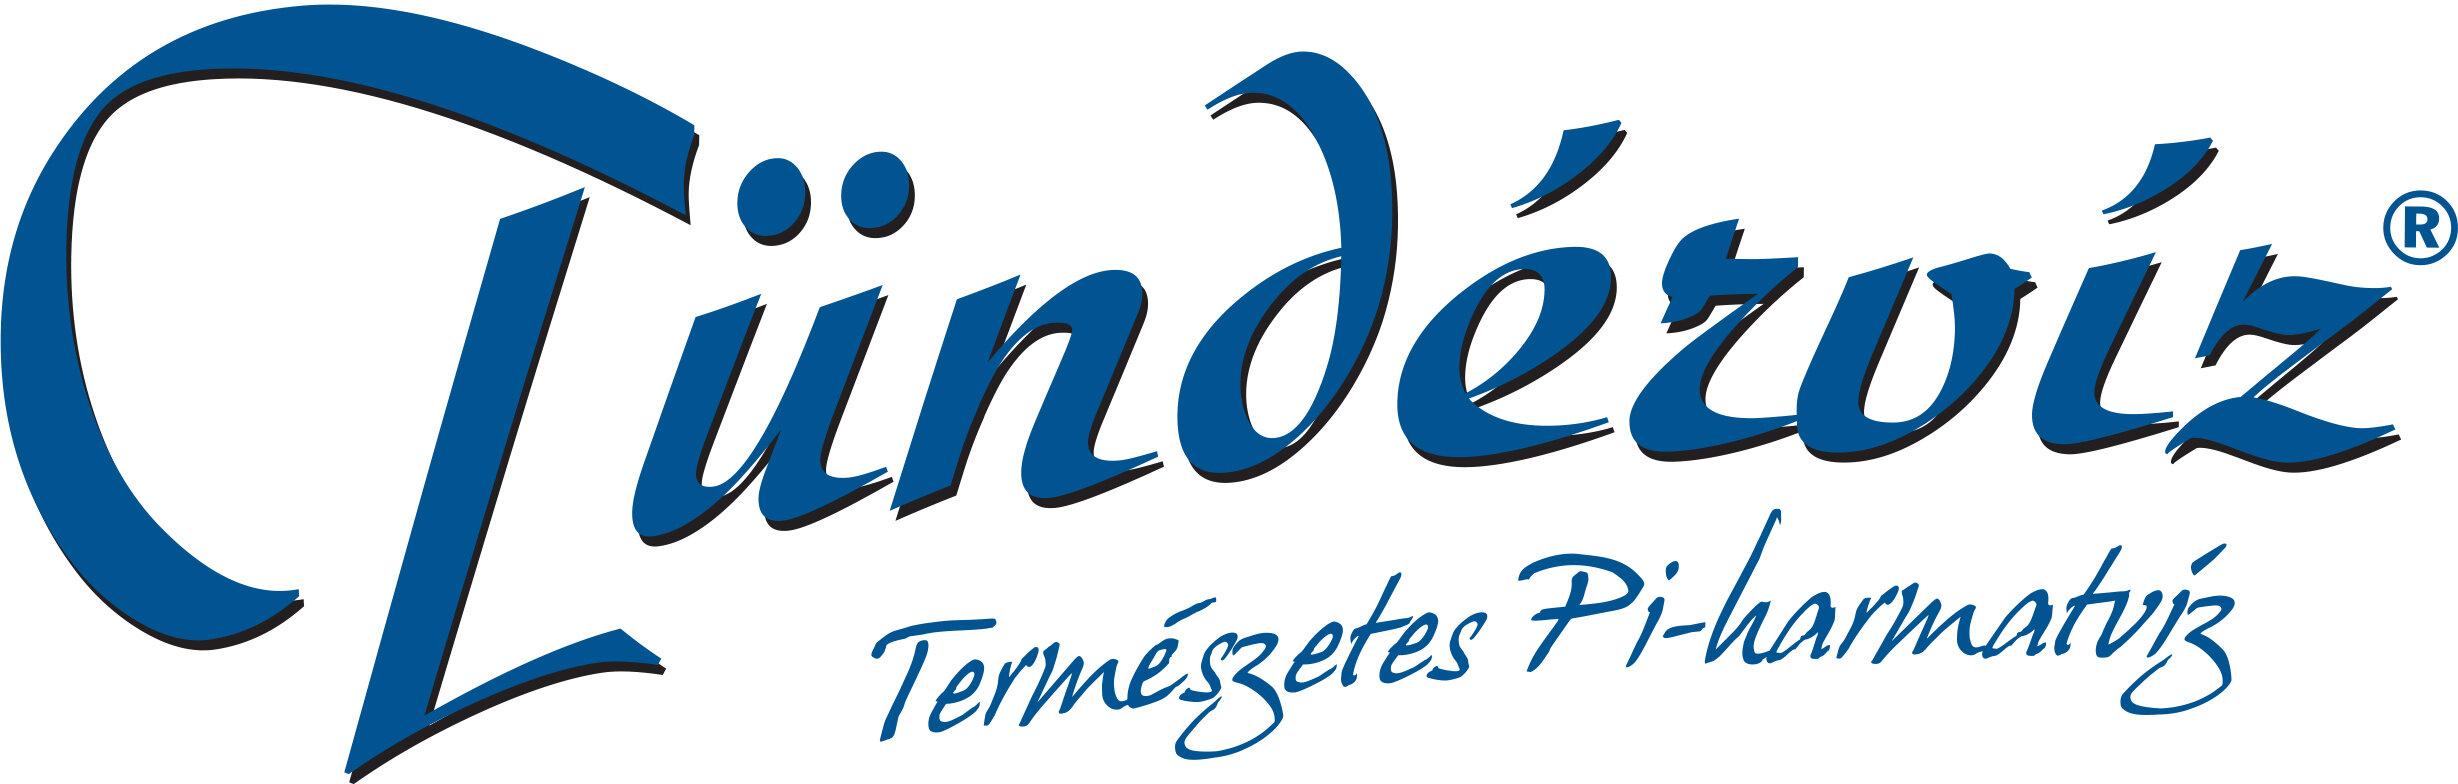 logo tunderviz.jpg